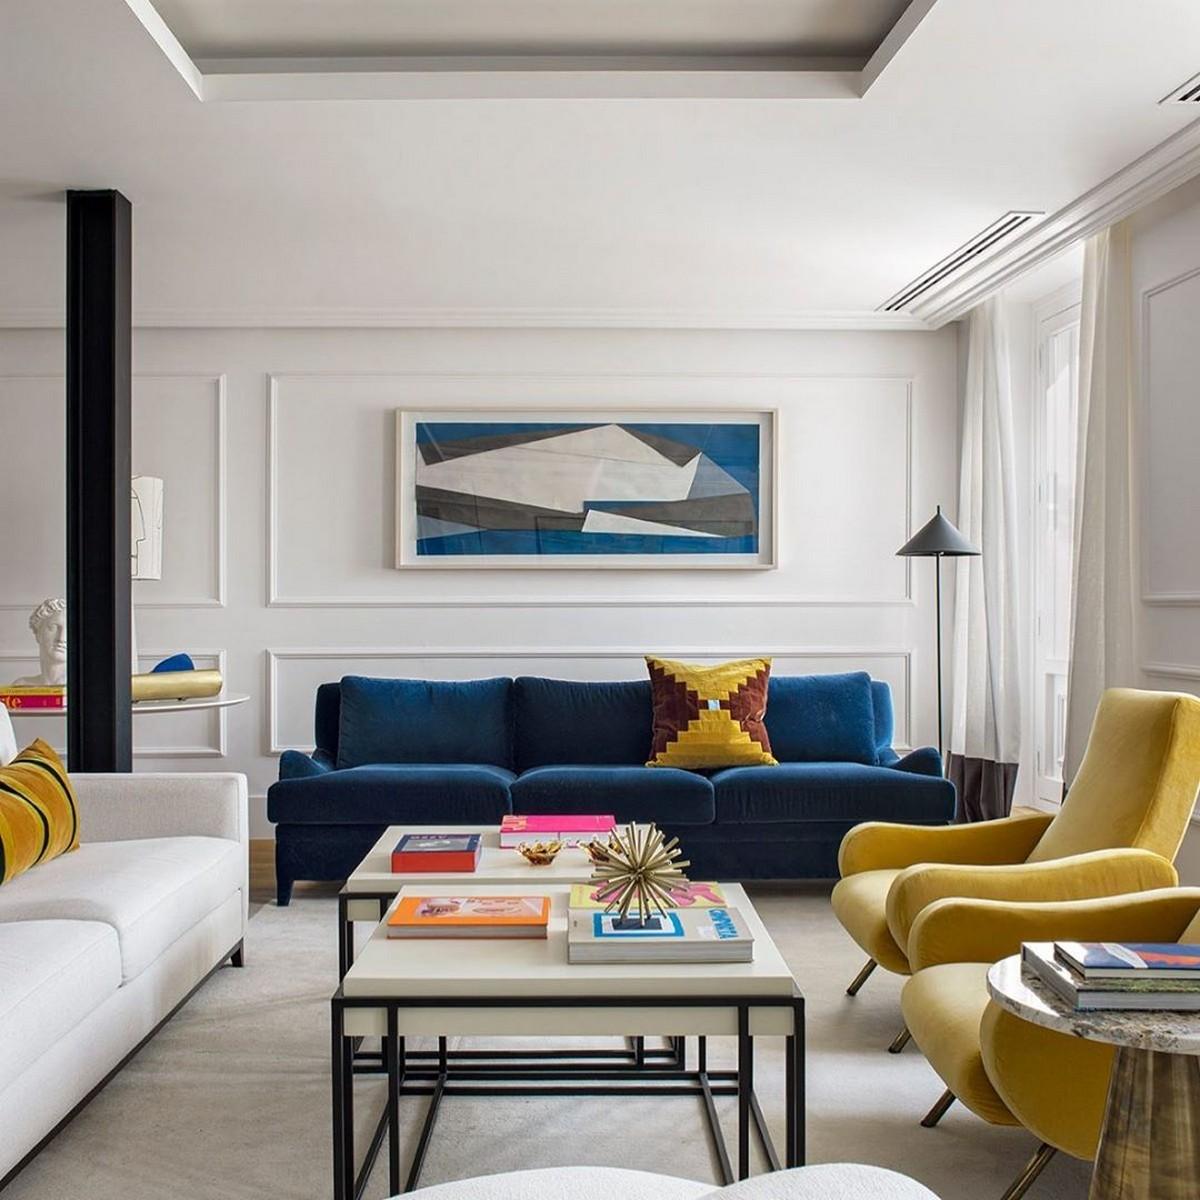 Estudio de Interiores: GÄRNA crea proyectos estupendos y elegantes estudio de interiores Estudio de Interiores: GÄRNA crea proyectos estupendos y elegantes 118304446 307493663672029 9156647234493206292 n